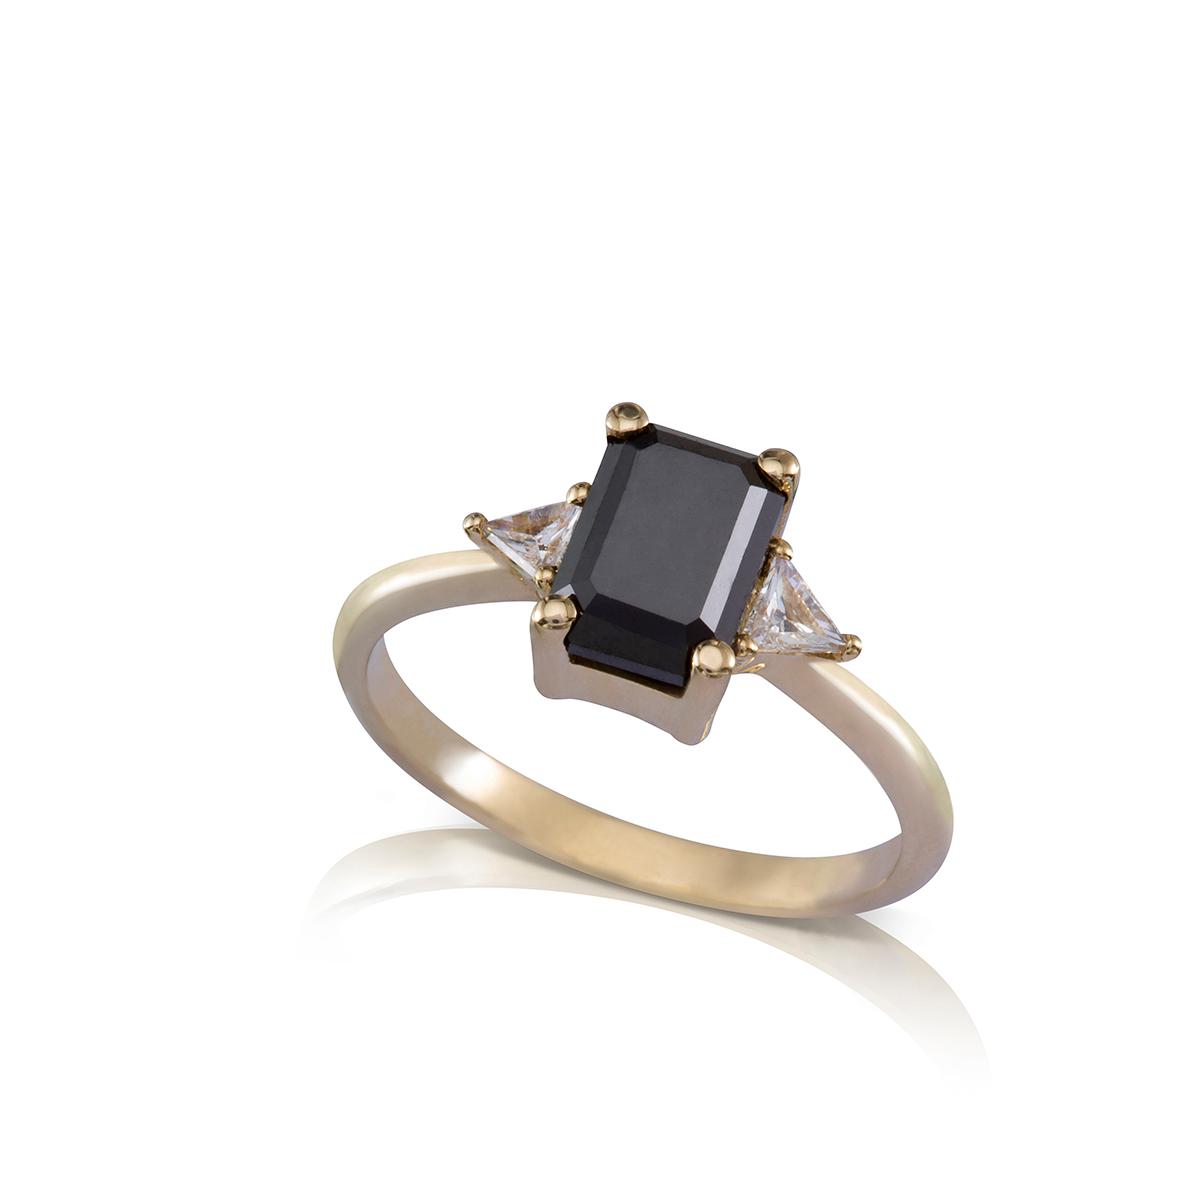 טבעת יהלום שחור מלבני ויהלומים משולושם לבנים